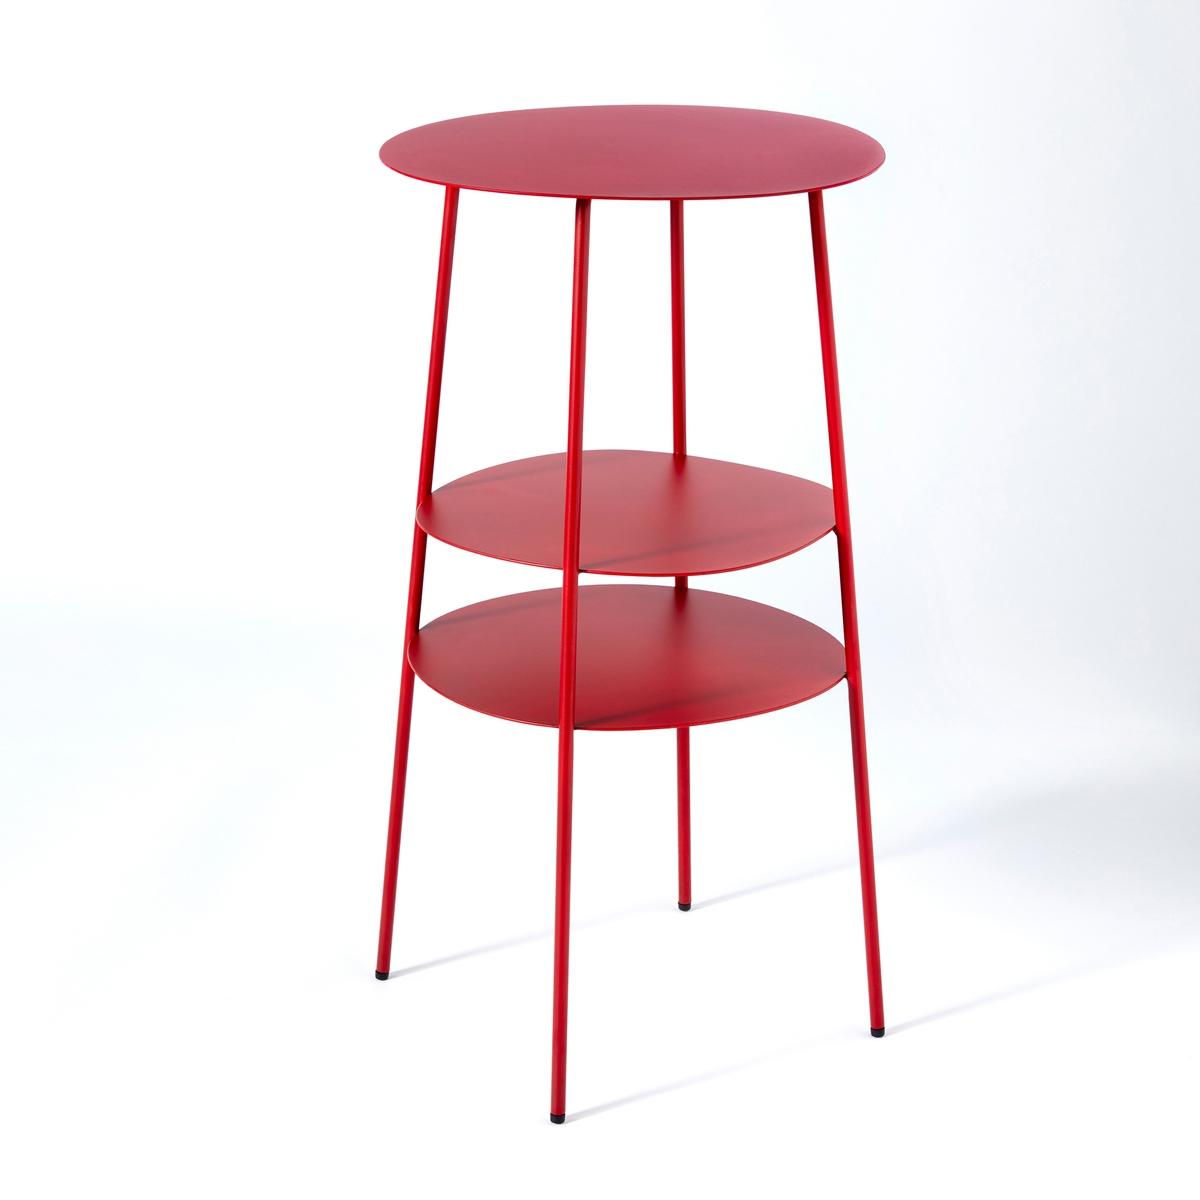 Столик прикроватный из металла красного цвета, FractaleПрикроватный столик Fractale. Круглый и негромоздкий столик с 3 столешницами органичной формы послужит в качестве прикроватного или журнального.Описание : - Из металла с красным эпоксидным покрытием- 3 столешницы- Поставляется в собранном видеРазмеры : - ?37 x В62 смРазмеры и вес упаковки: - Ш38,1 x В68,6 x Г38,1 см, 9,3 кг<br><br>Цвет: красный